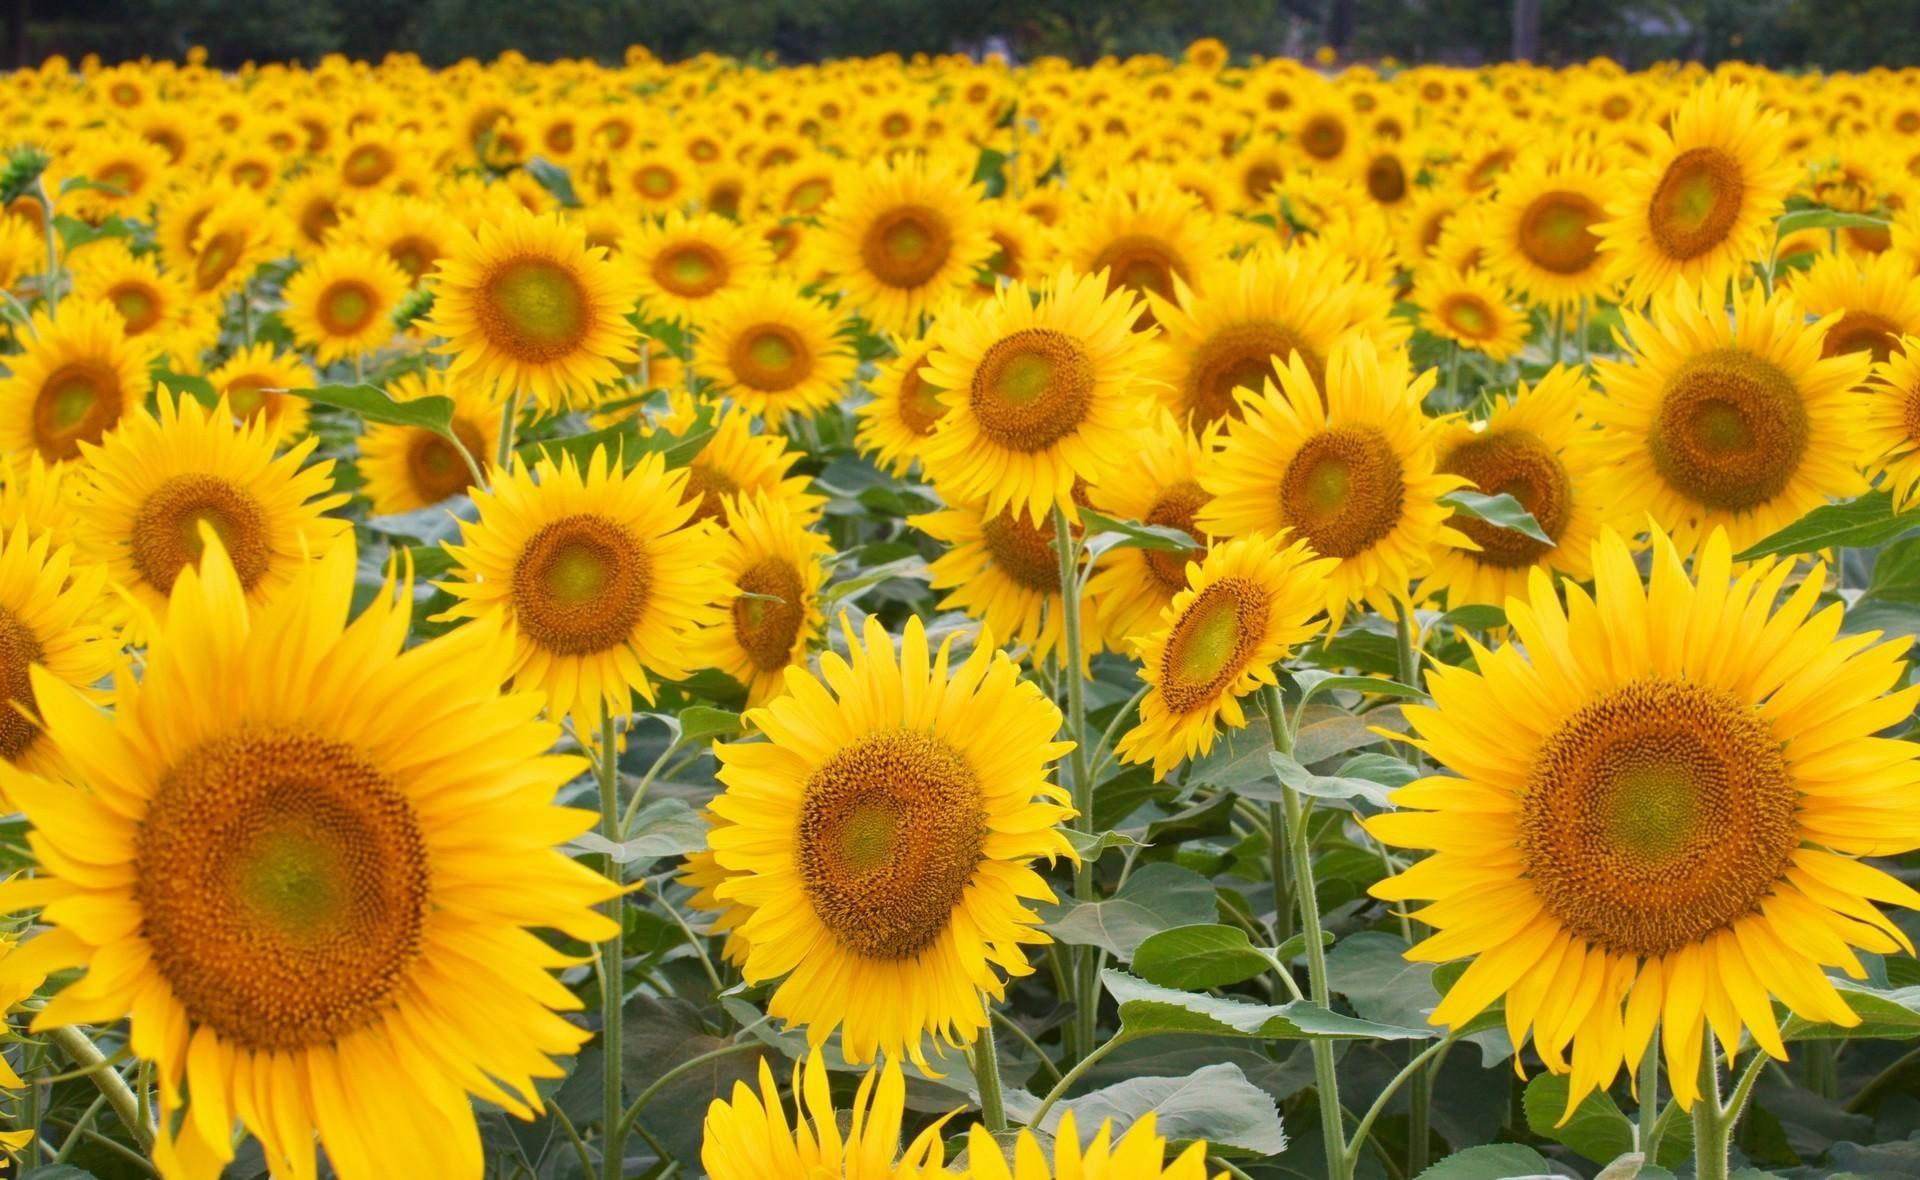 116556 Заставки и Обои Подсолнухи на телефон. Скачать Цветы, Поле, Много, Шляпки, Подсолнухи картинки бесплатно